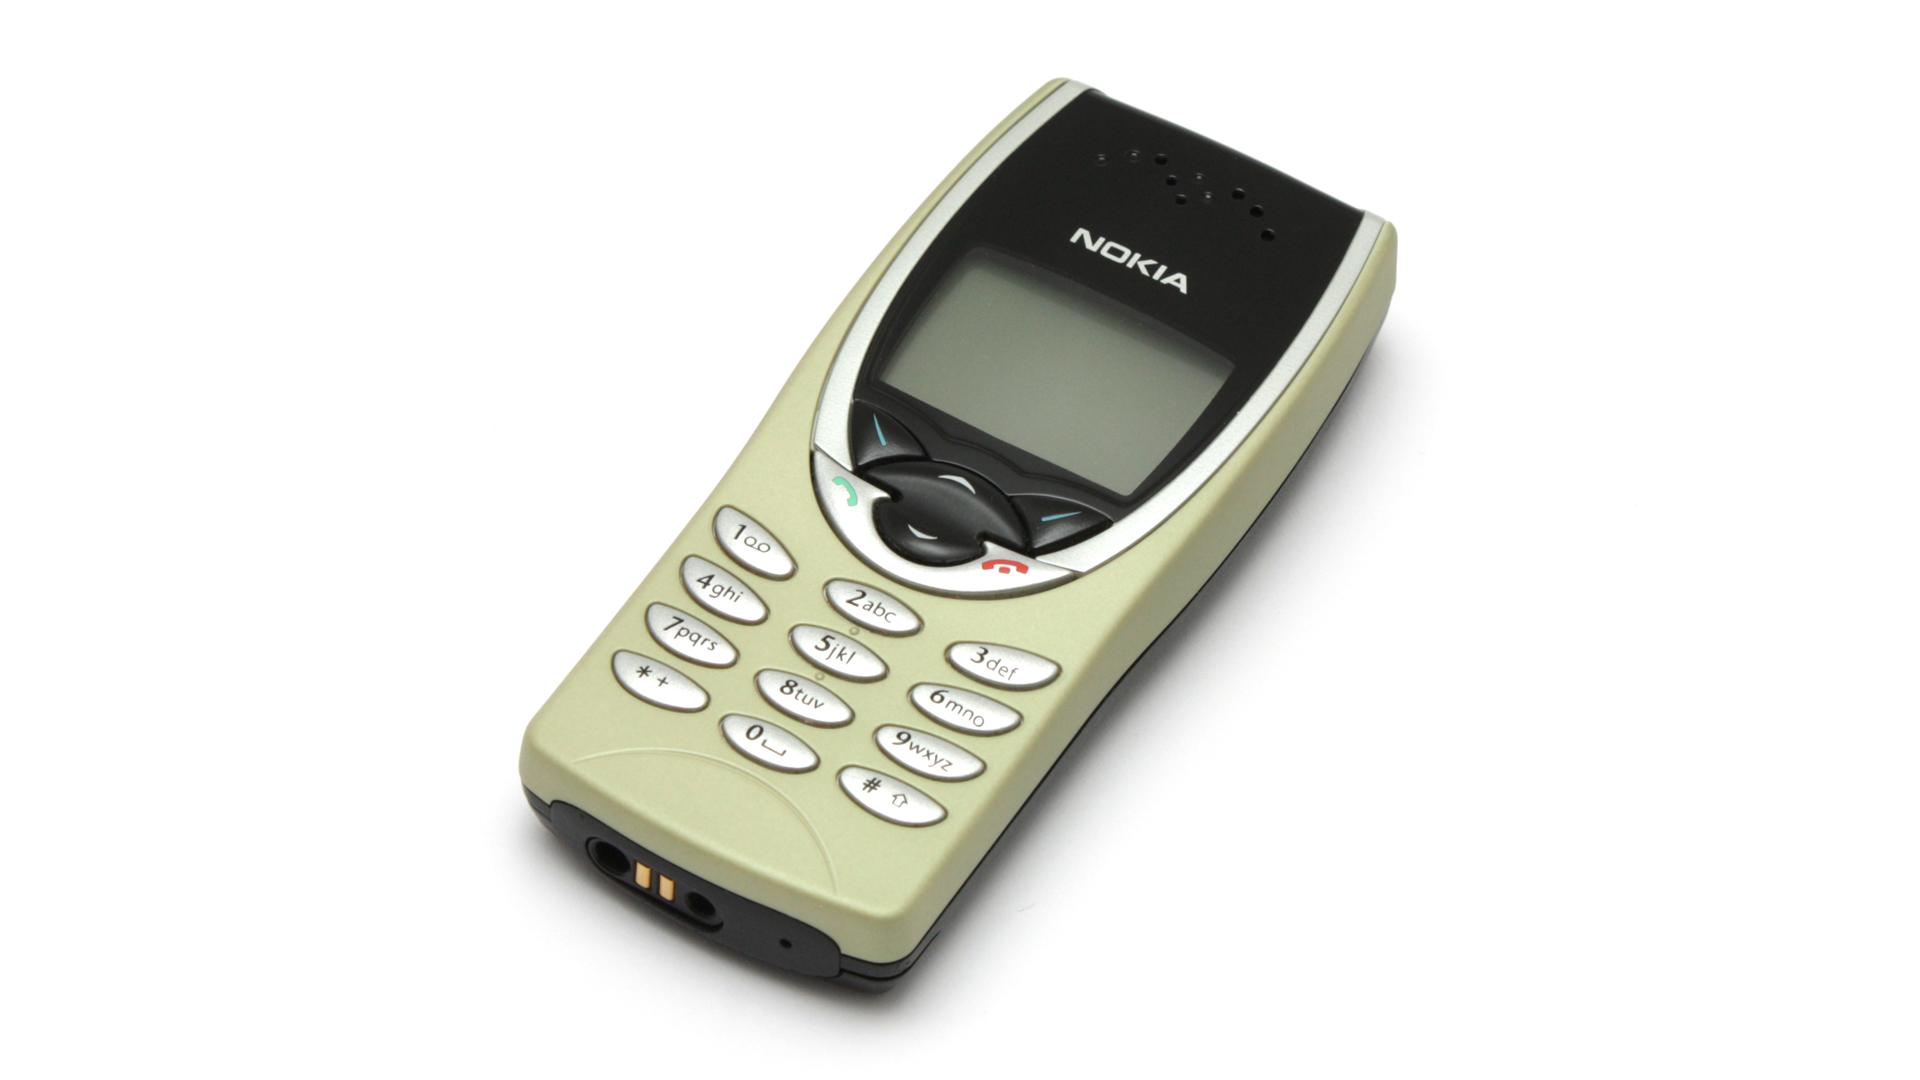 Nokia 8210 il cellulare preferito dagli spacciatori in uk for Smartphone piccole dimensioni